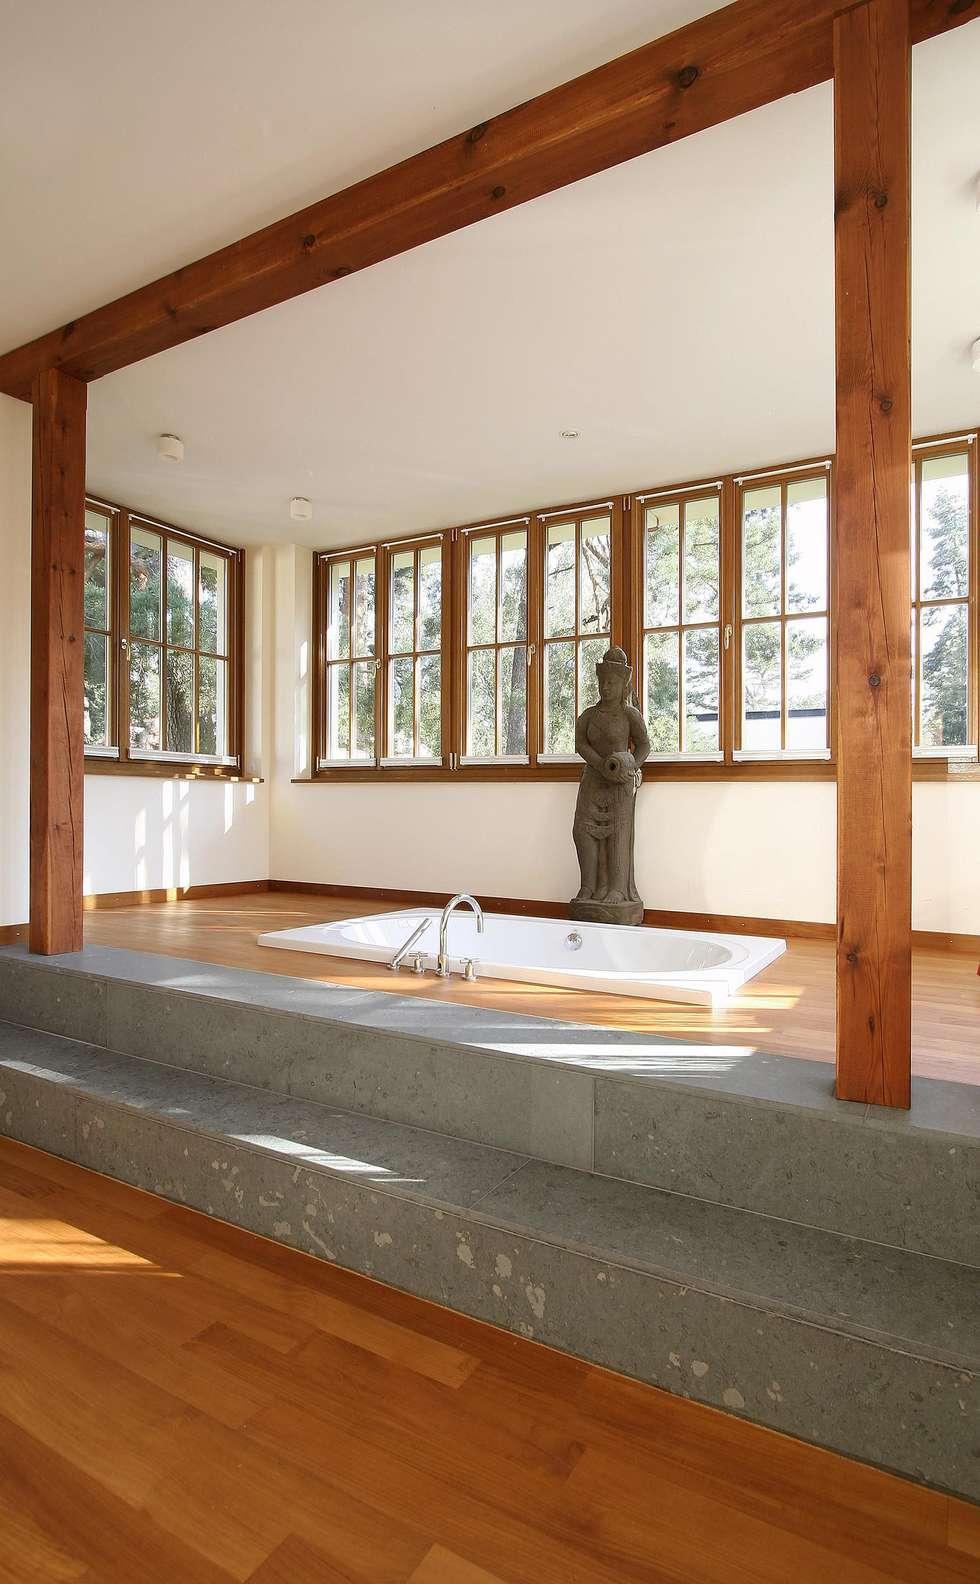 English inspired - Domizil mit Landhausflair: landhausstil Badezimmer von CG VOGEL ARCHITEKTEN